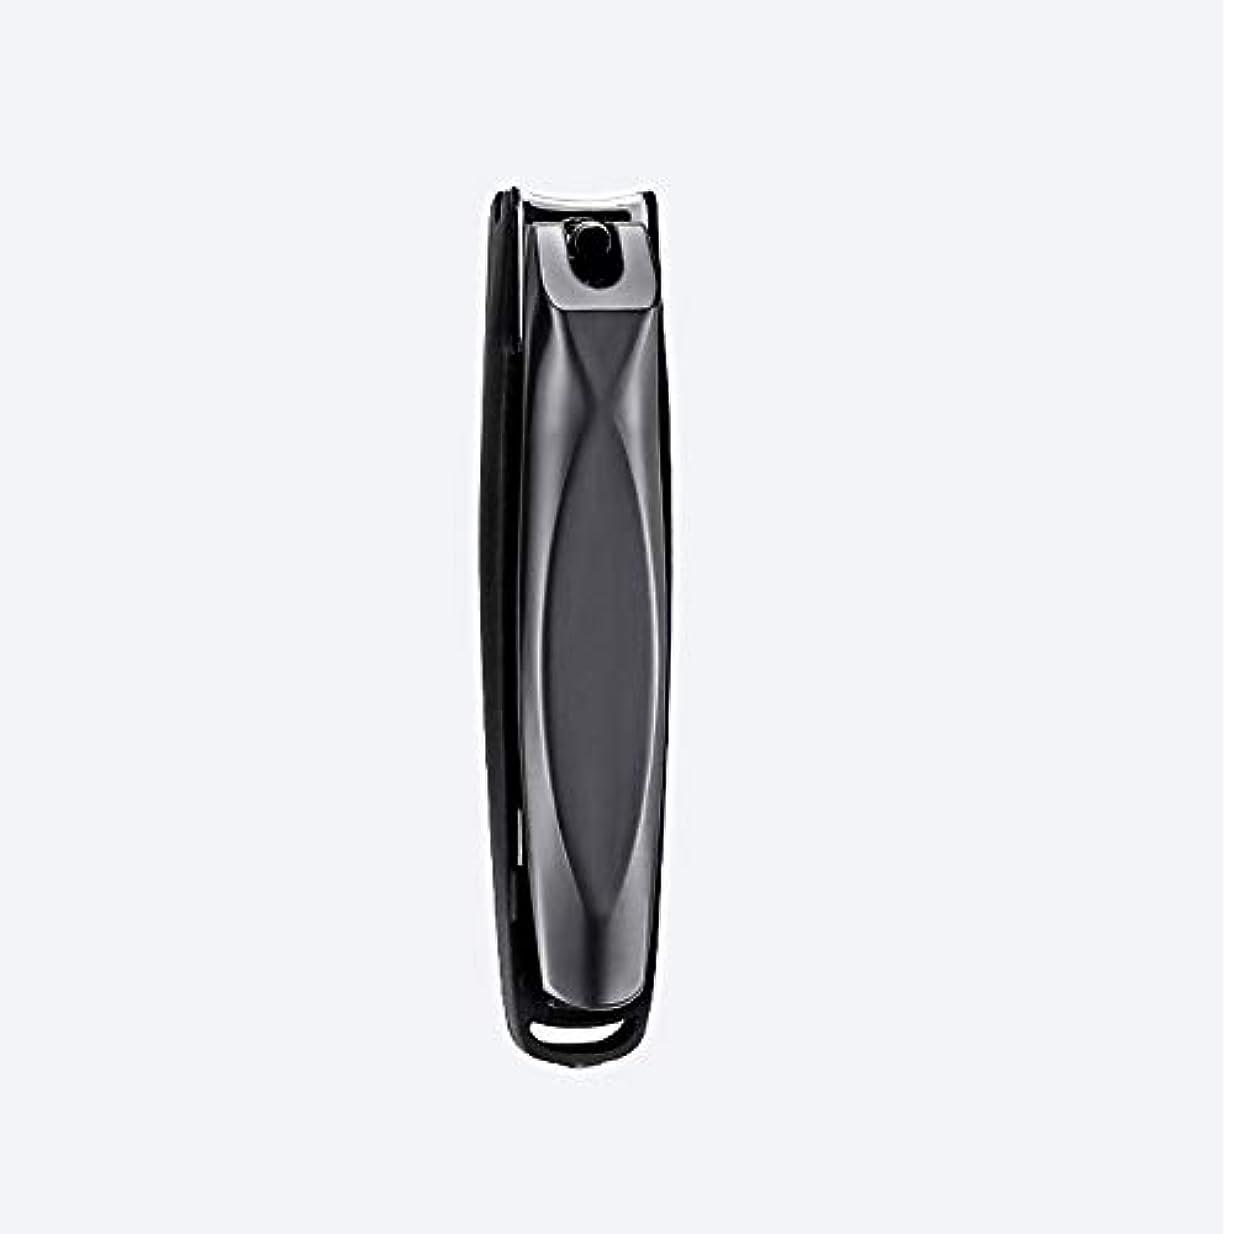 キルスほうきからネイルクリッパーセット、爪&足の爪切り、大人のための耐久性のある鋭いステンレス鋼のネイルカッター Blingstars (Size : 7.5cm)